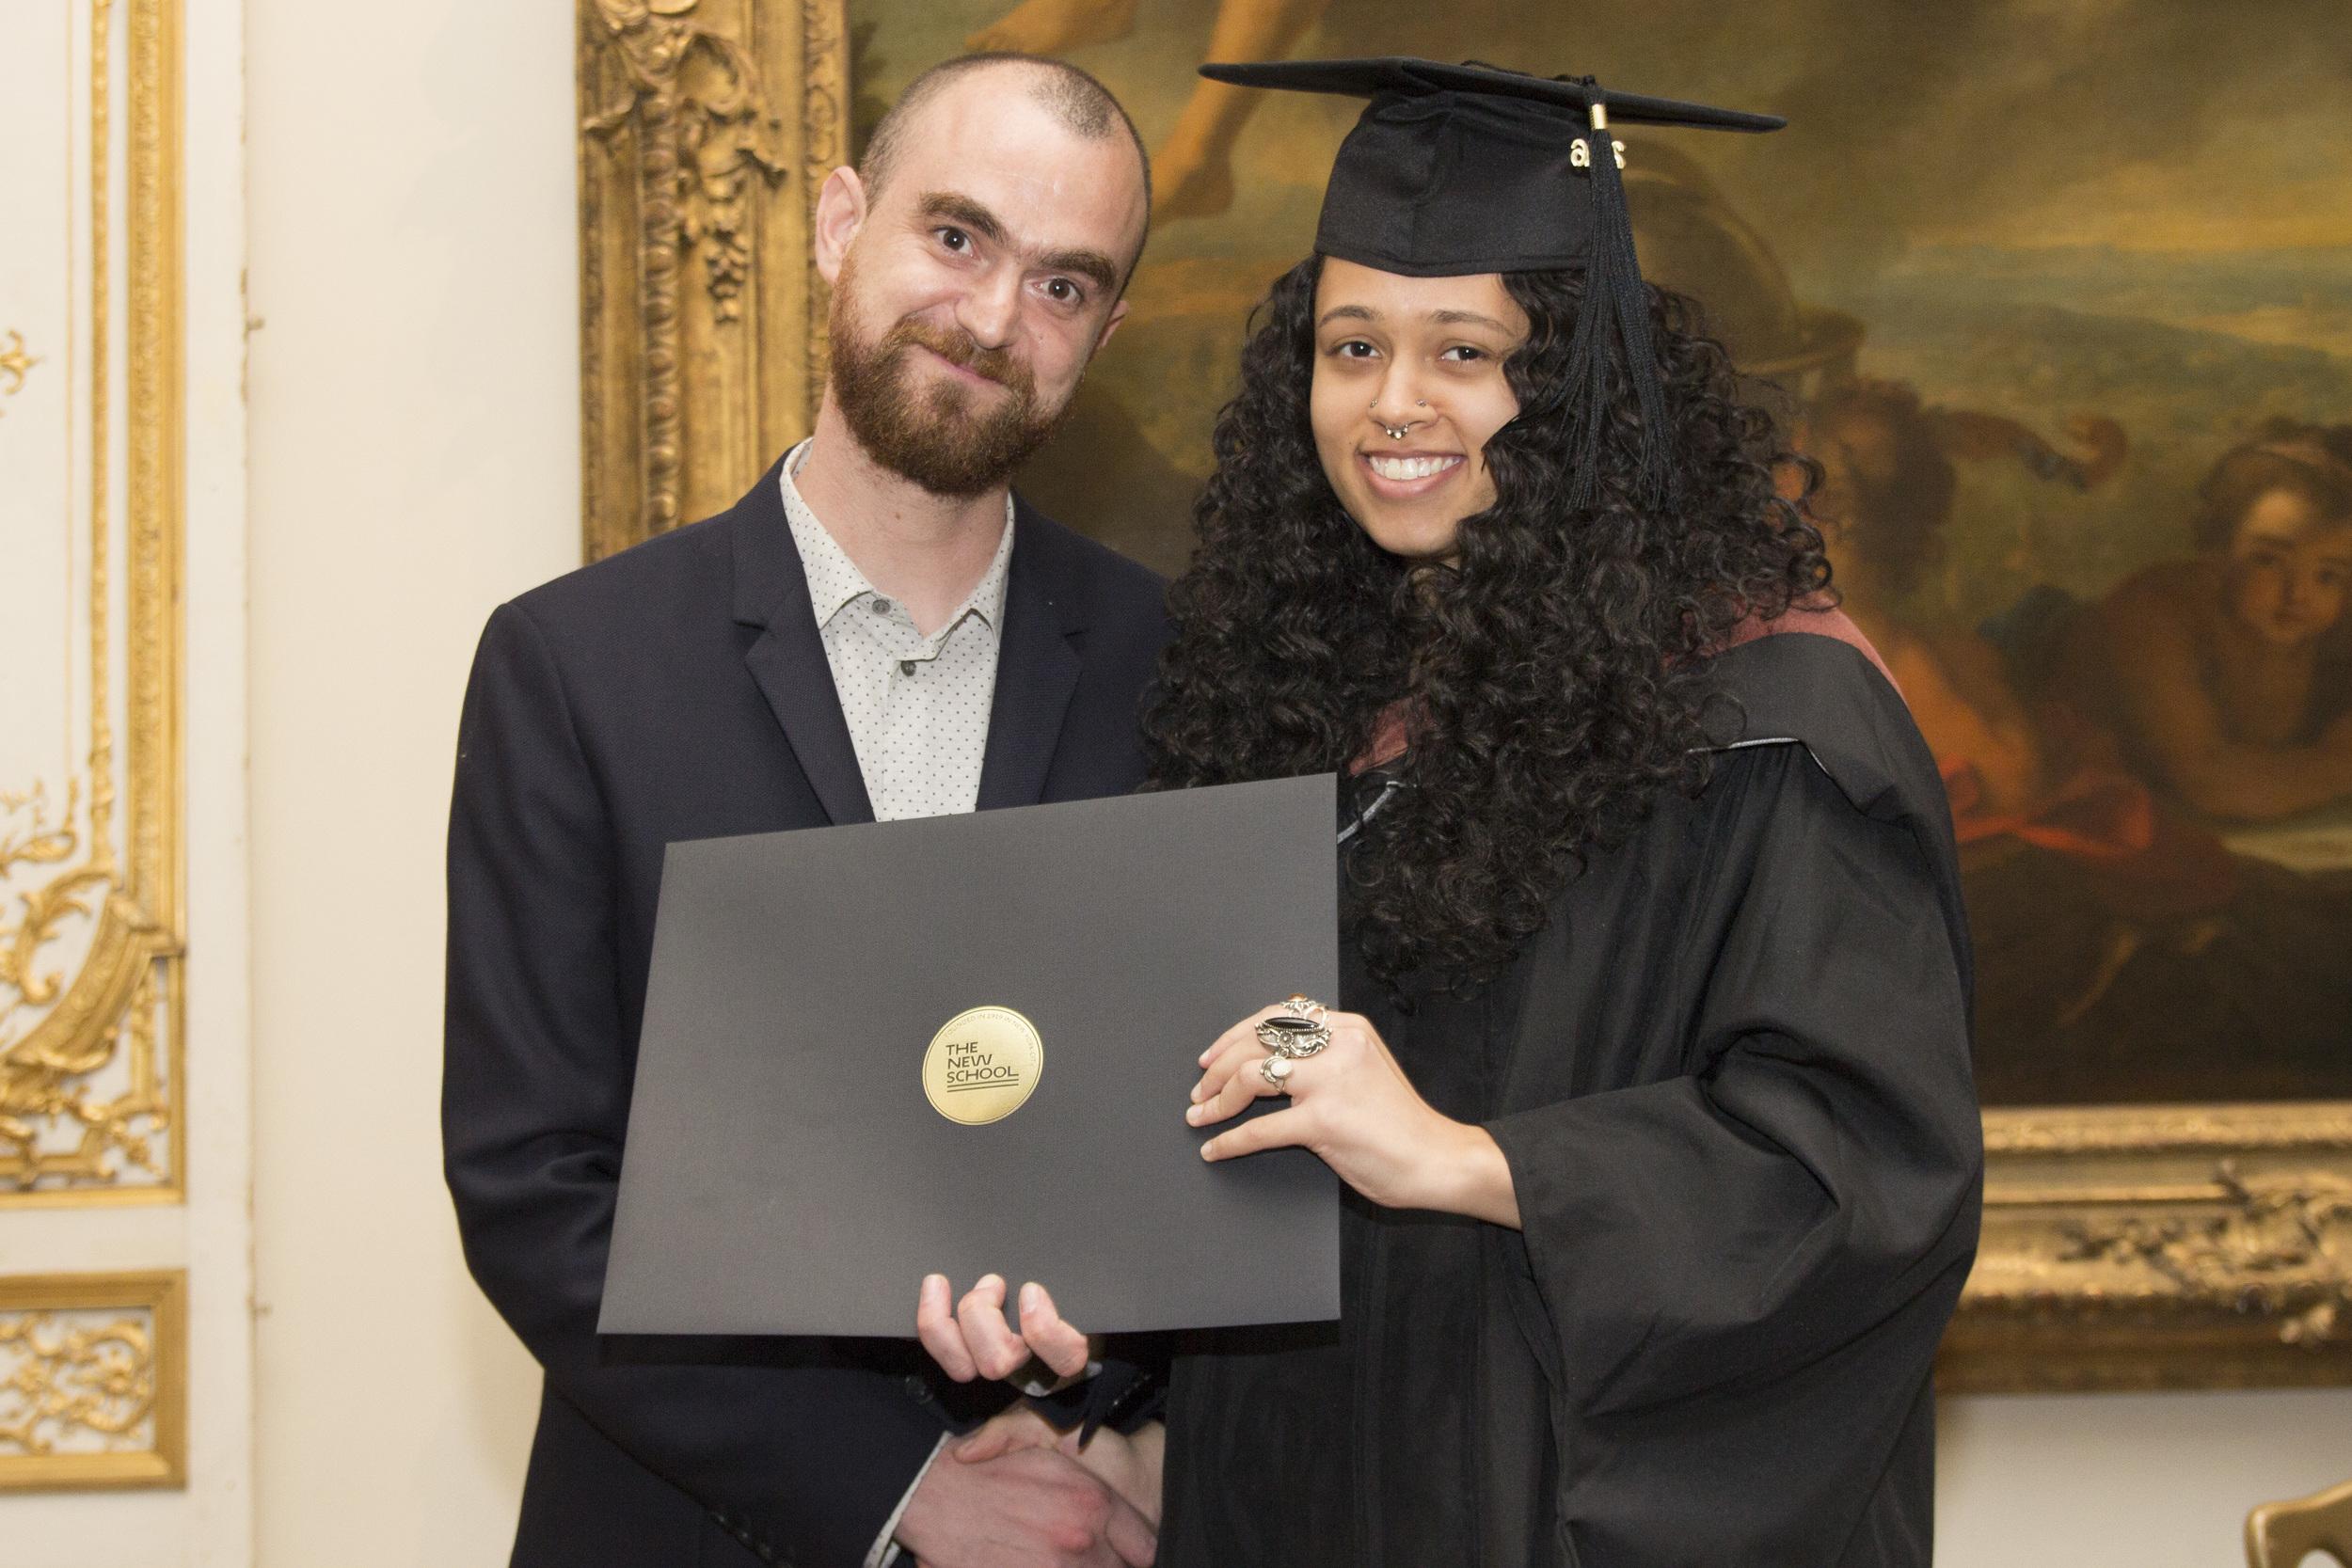 TNS_ParsonsParis_Graduation_106.jpg